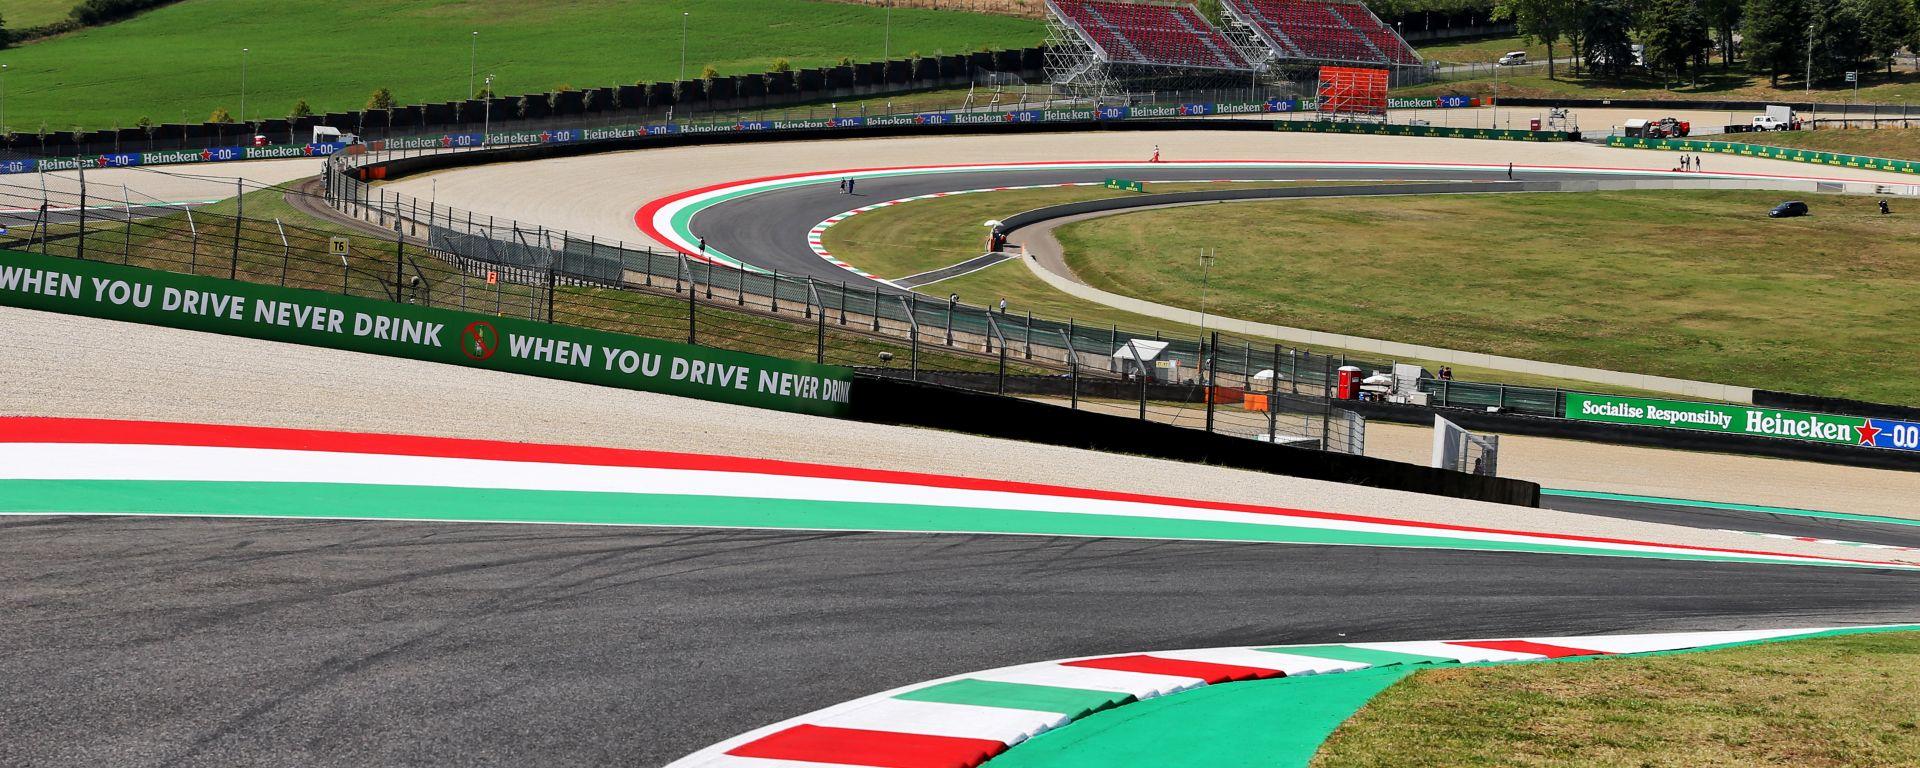 F1 GP Toscana 2020, Mugello: Atmosfera del circuito